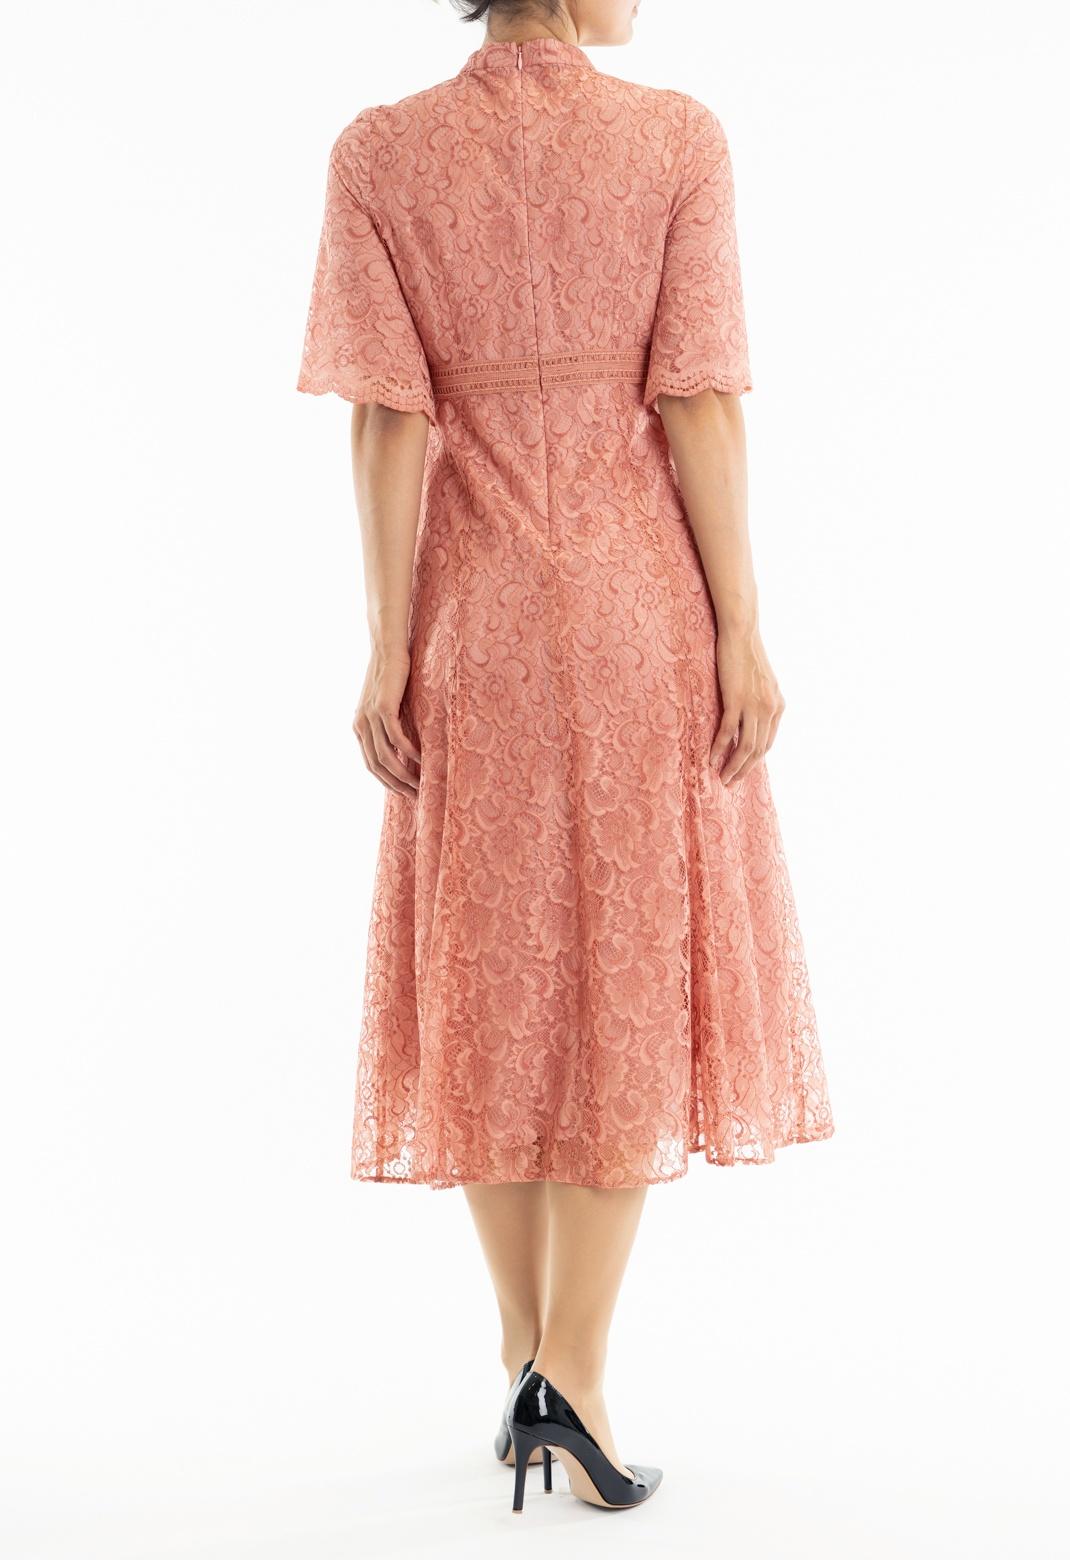 ハシゴレースハイネック 半袖 ドレス